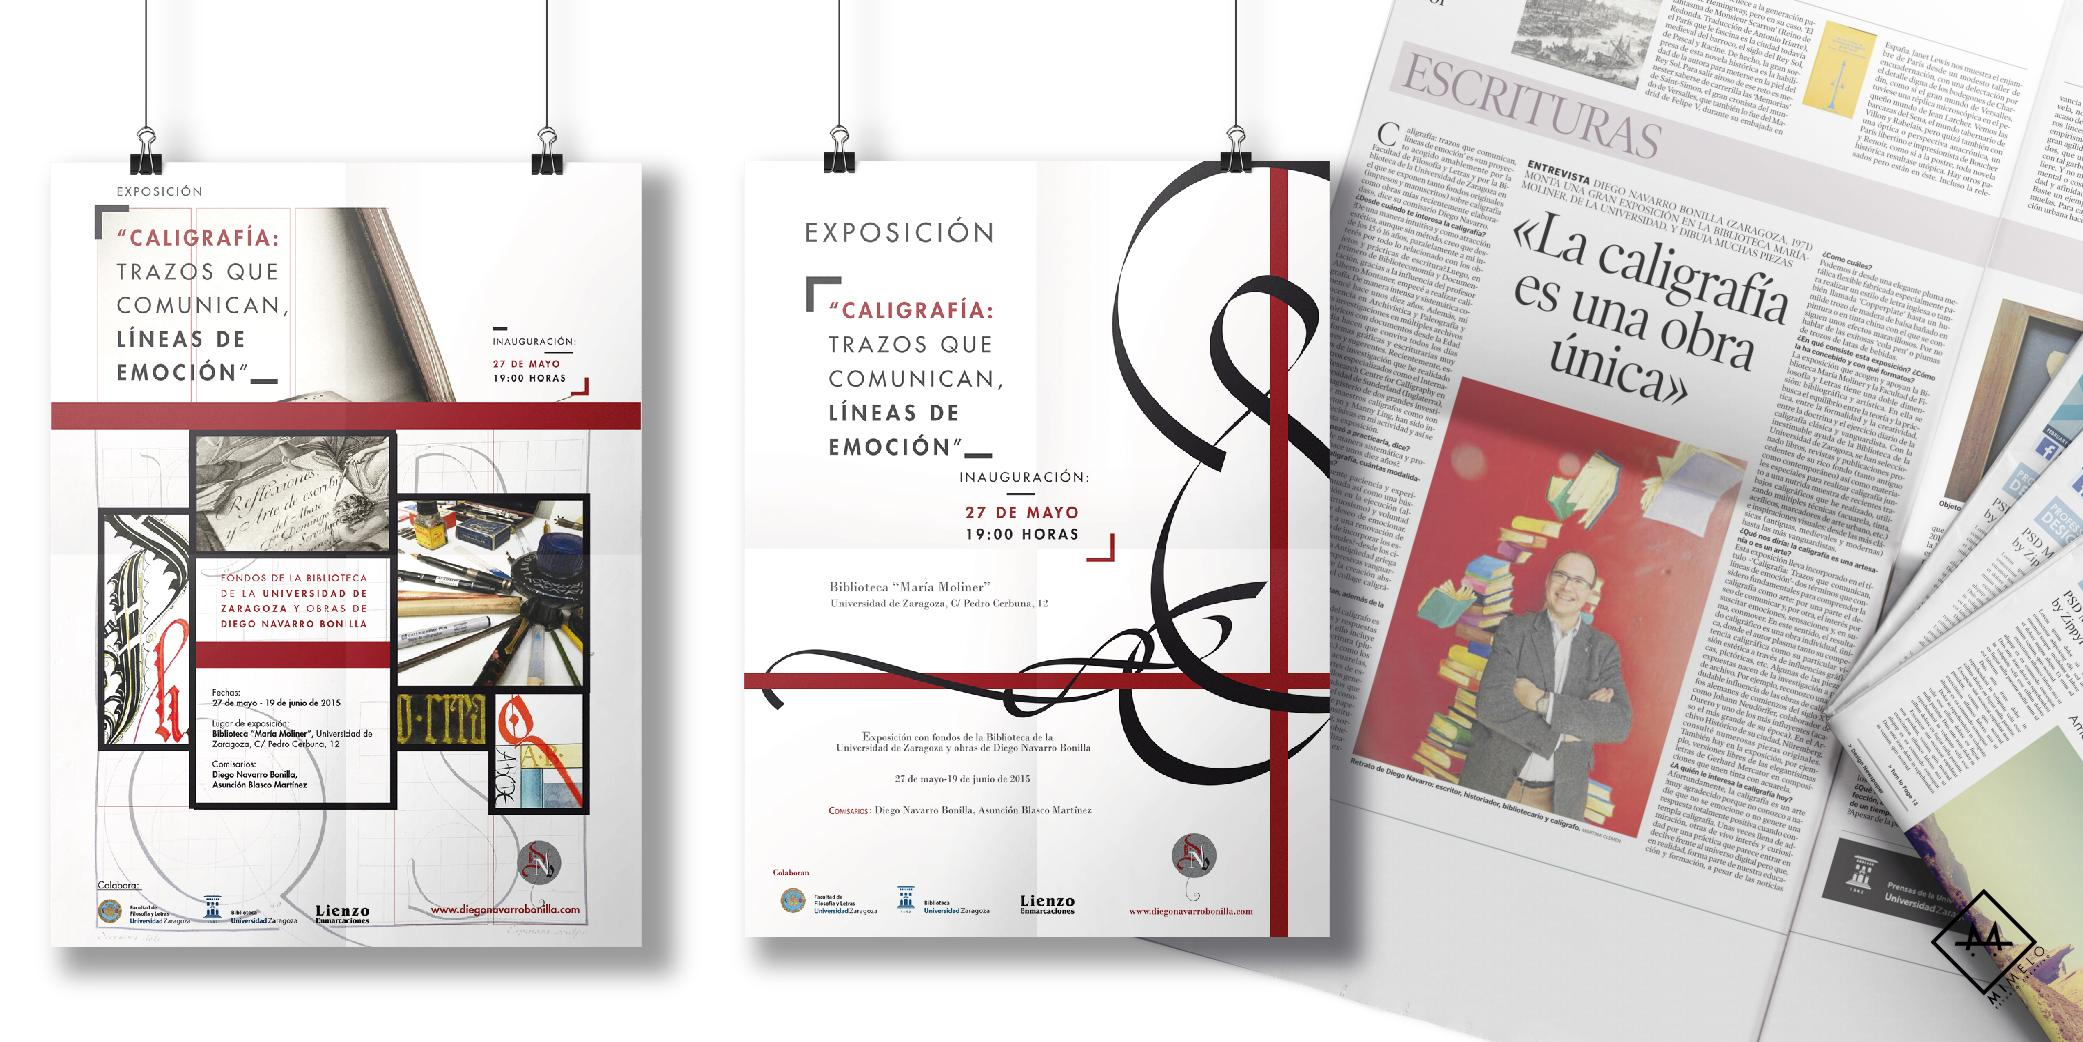 Diego Navarro Bonilla - Mimelo Estudio Creativo